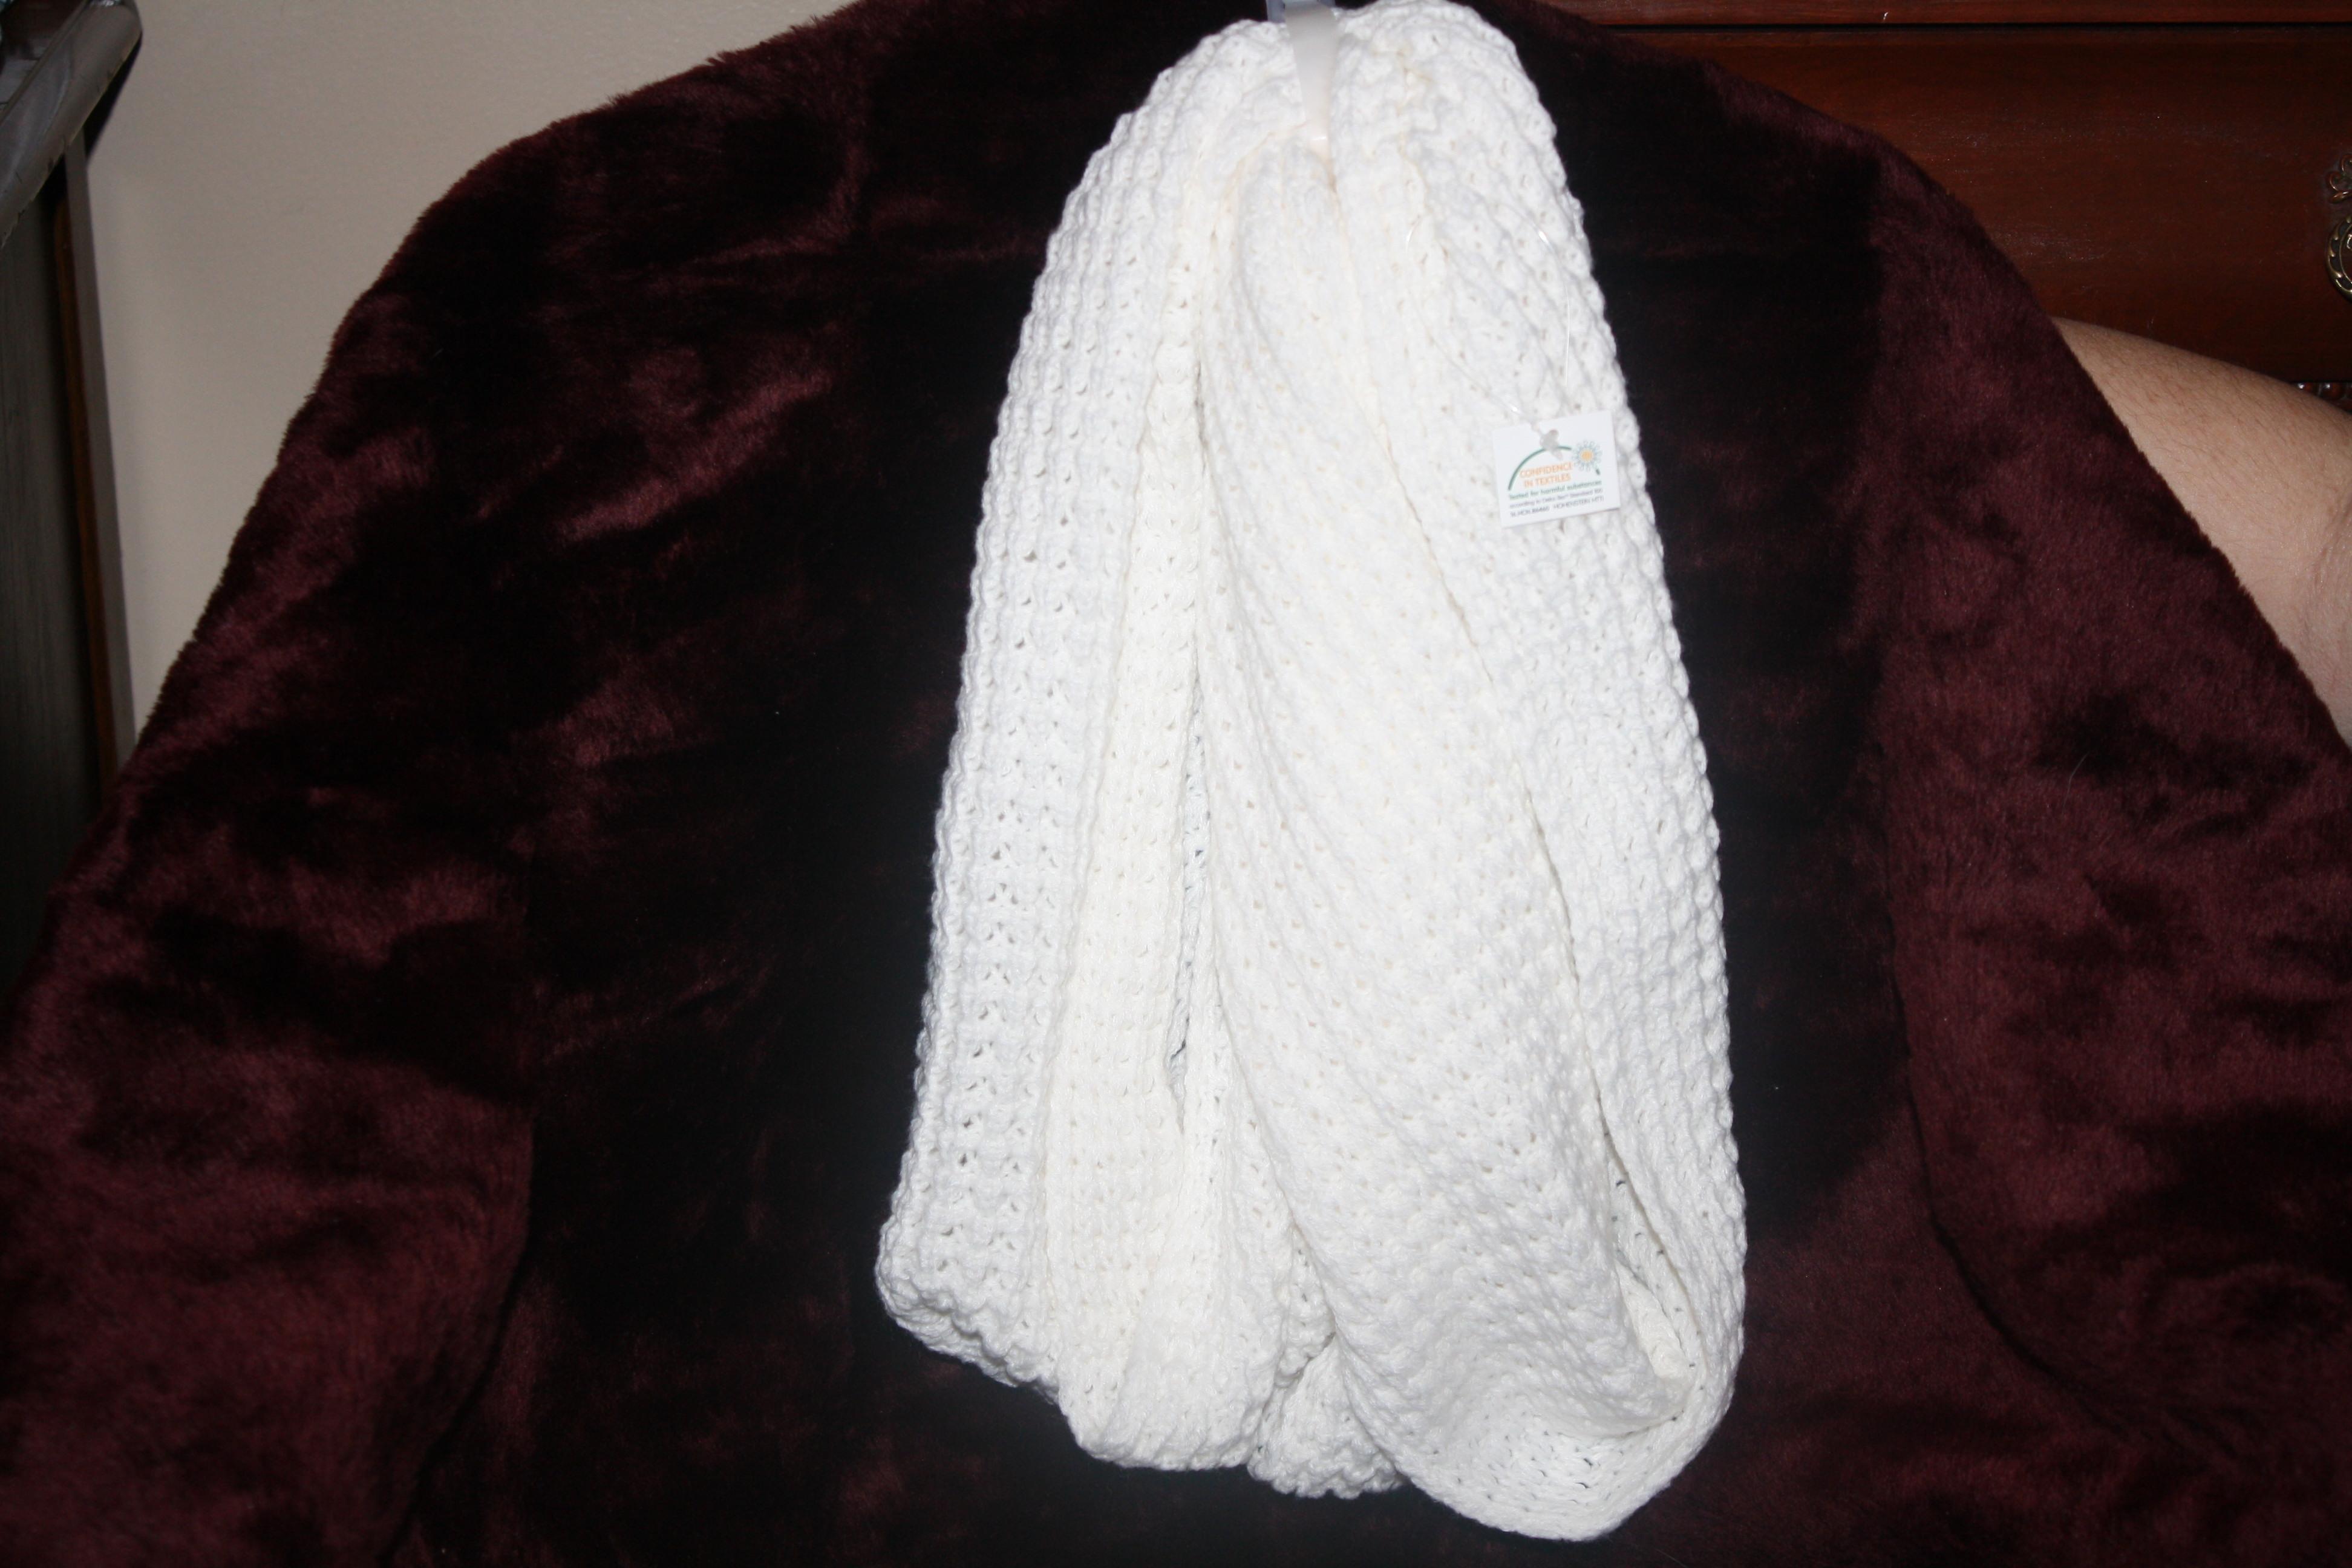 88. White scarf